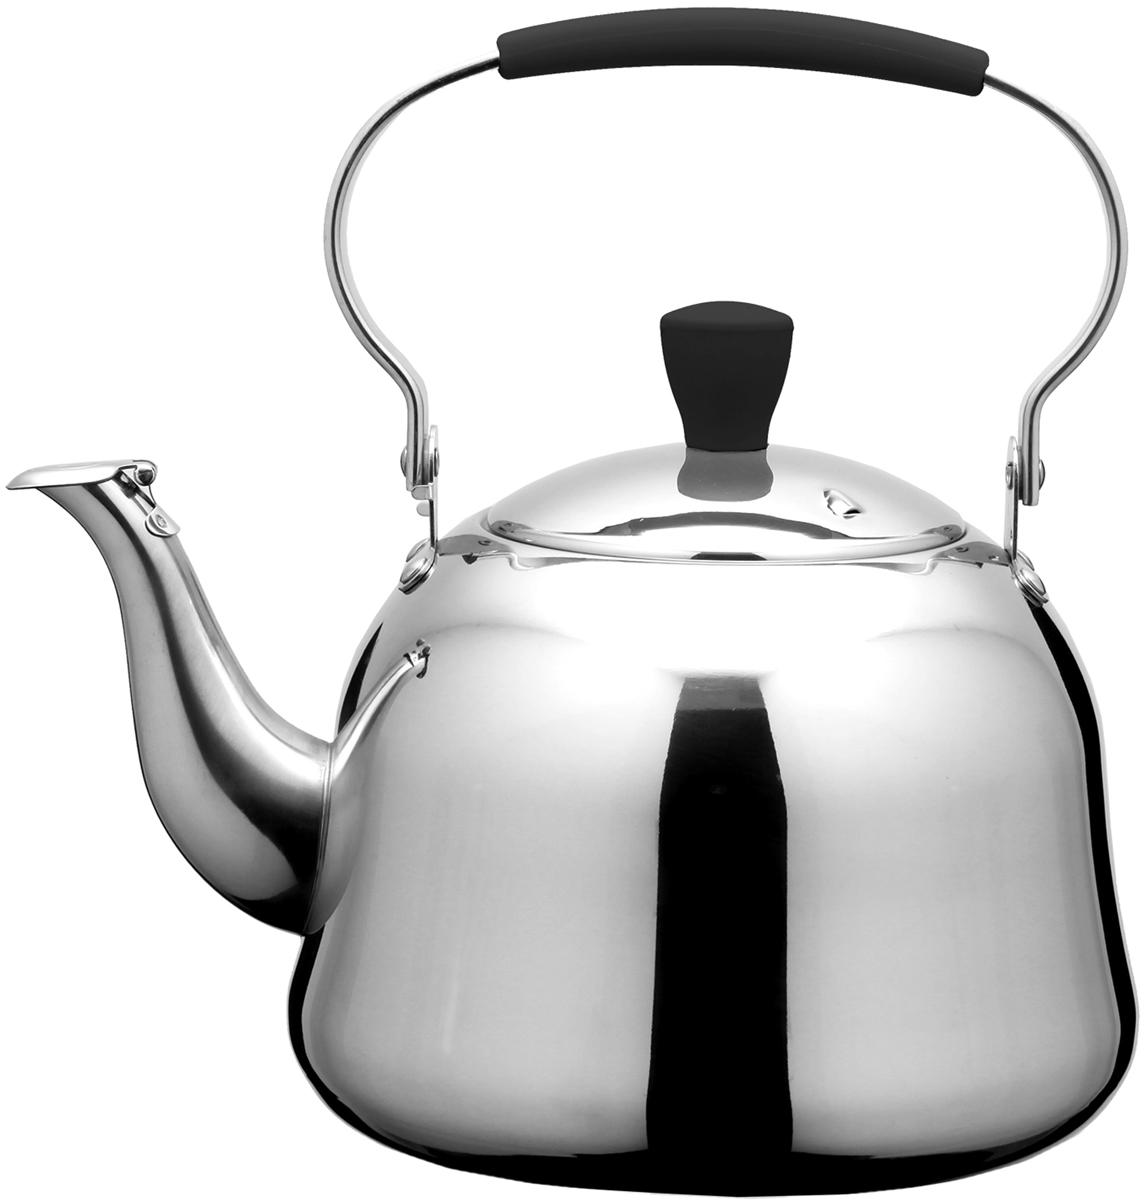 Чайник Fissman Rooibos, для кипячения воды и заваривания чая, 2 л gipfel чайник для кипячения воды visit 2 7 л